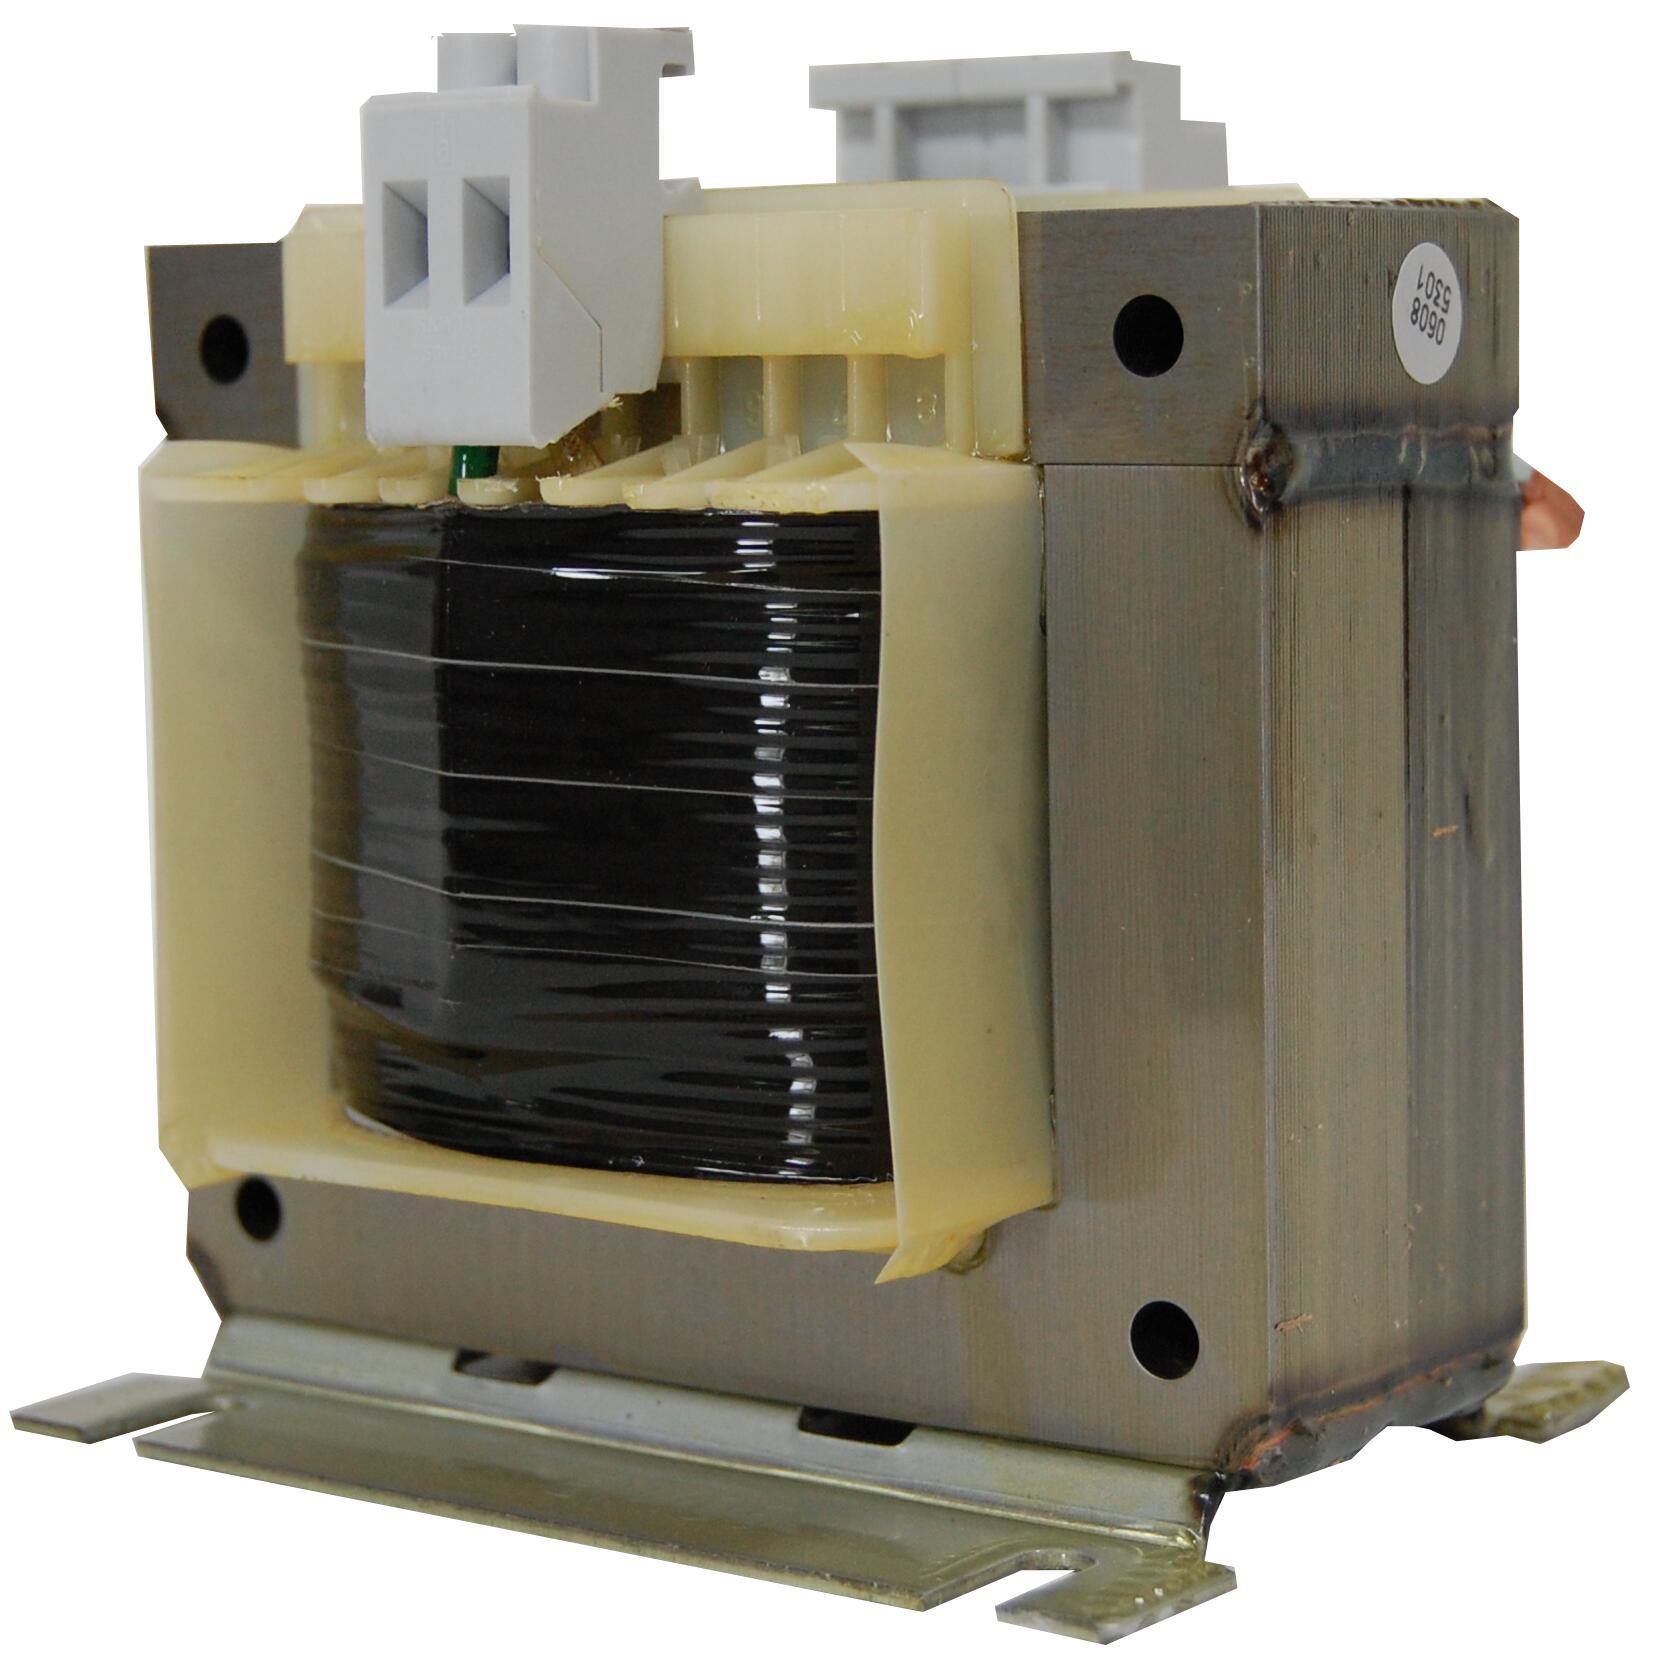 1 Stk Einphasen Steuertransformator 400/24V, 1000VA, IP00 LP603100T-